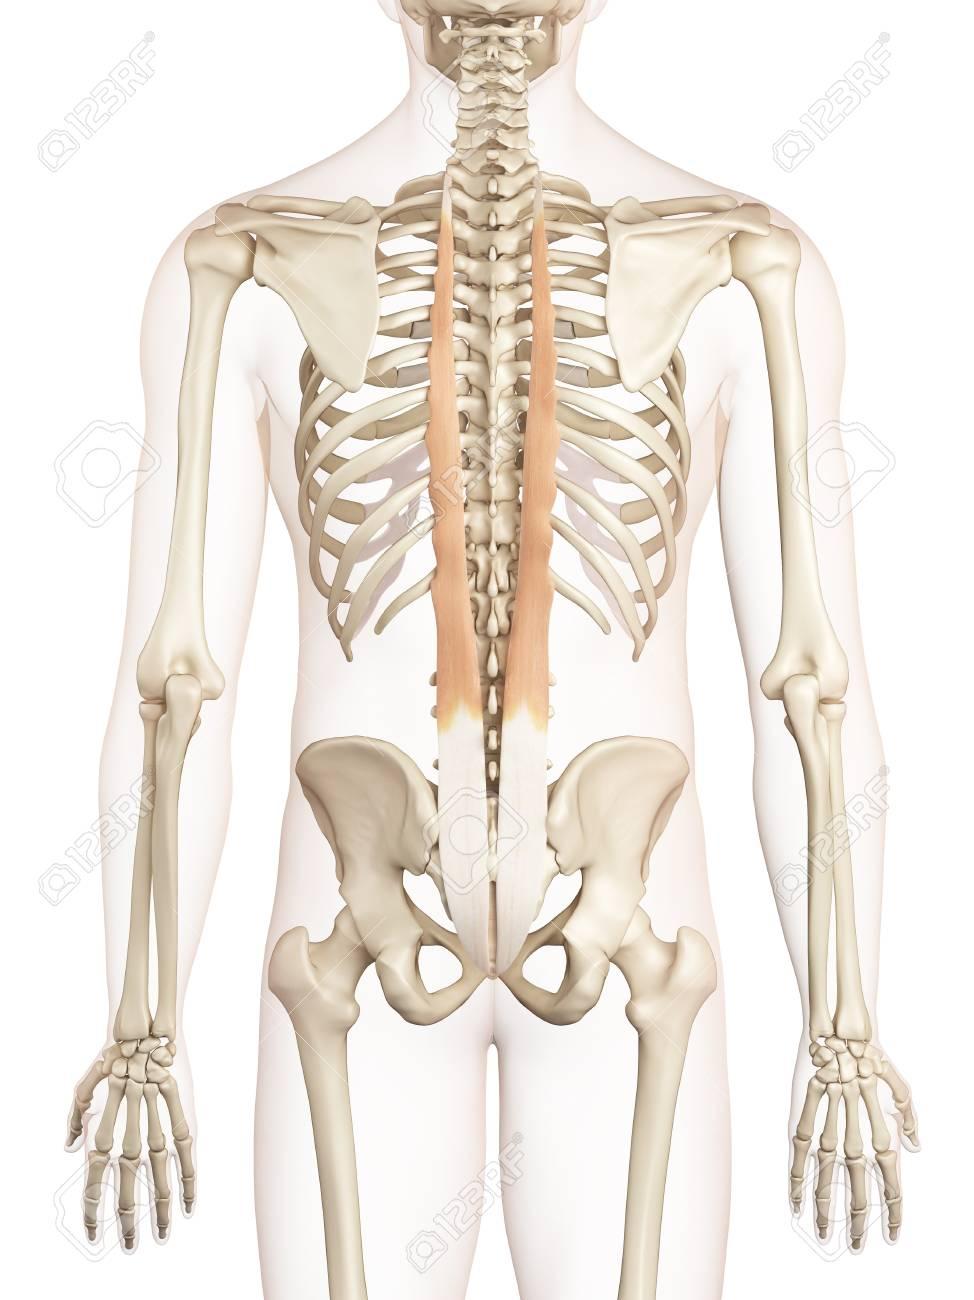 Menschliche Rückenmuskulatur, Illustration Lizenzfreie Fotos, Bilder ...